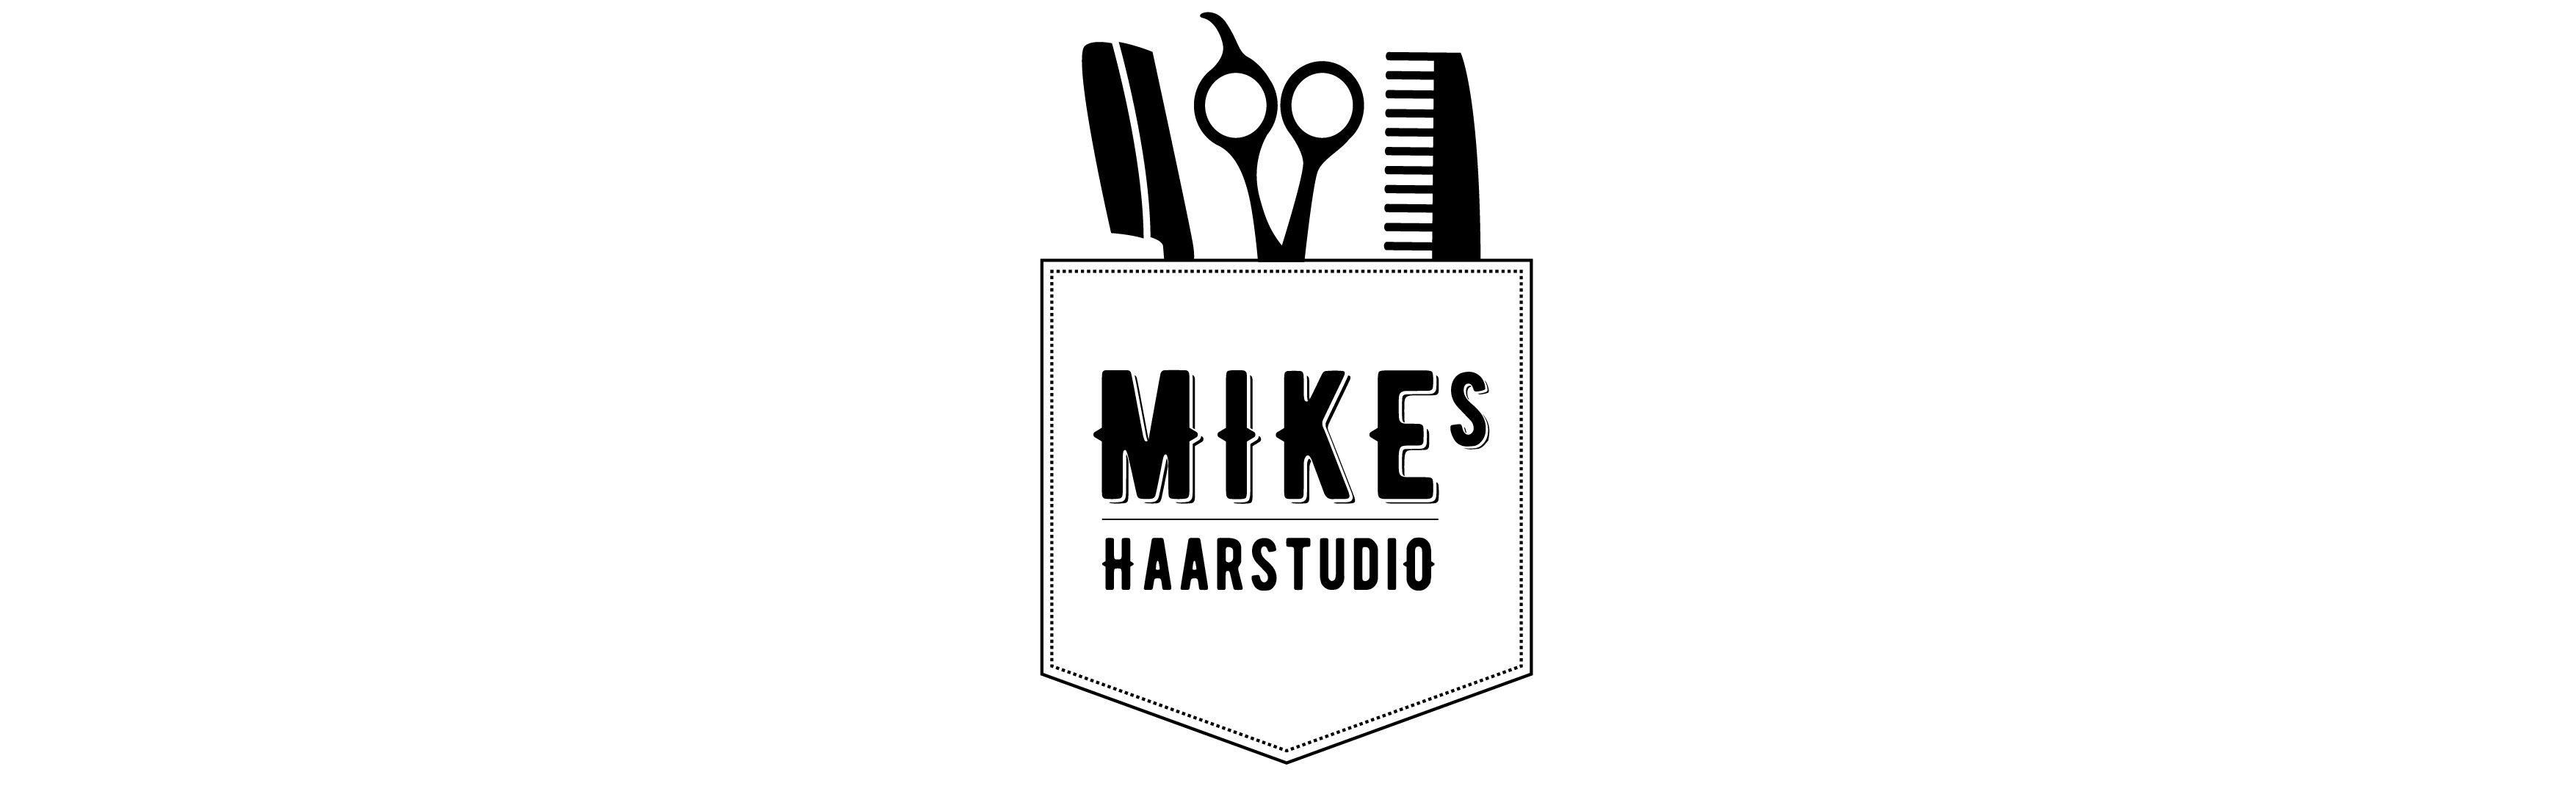 Mike's Haarstudio